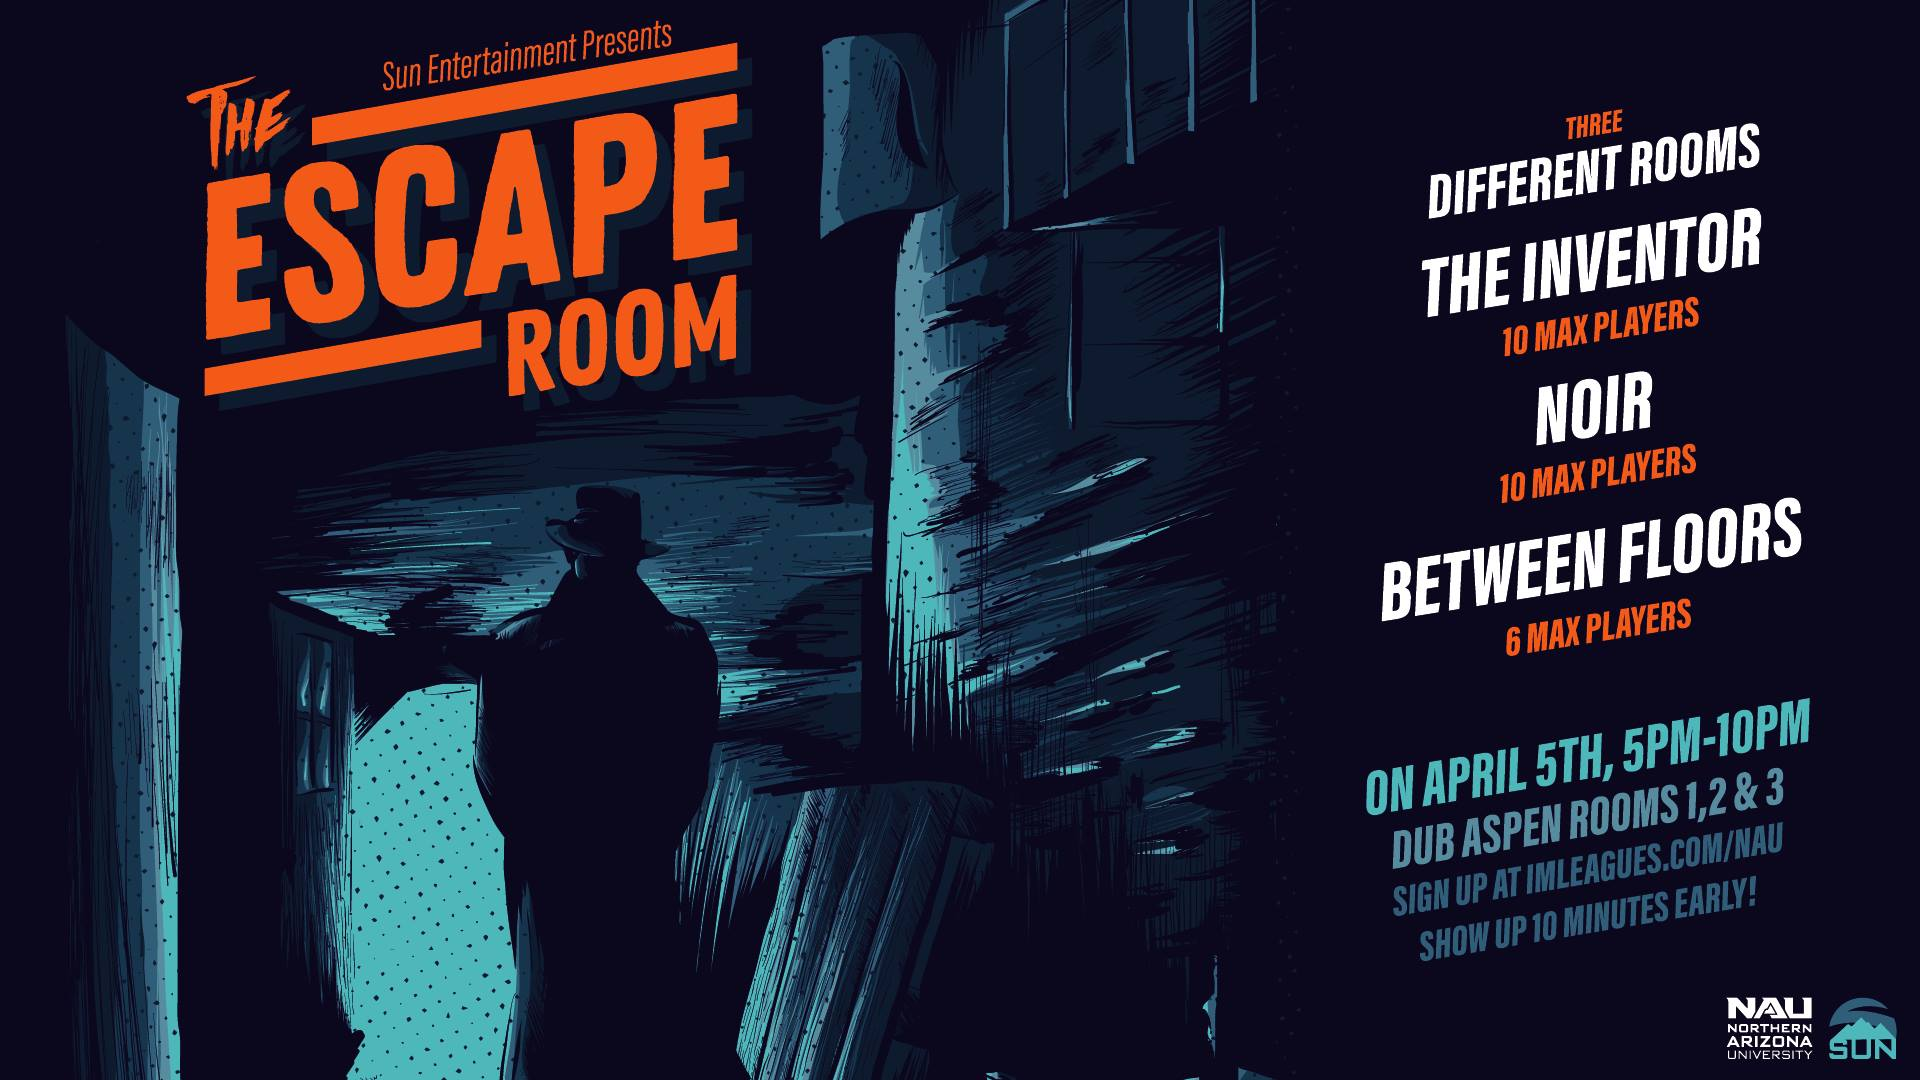 Escape Room Movie Poster Hd